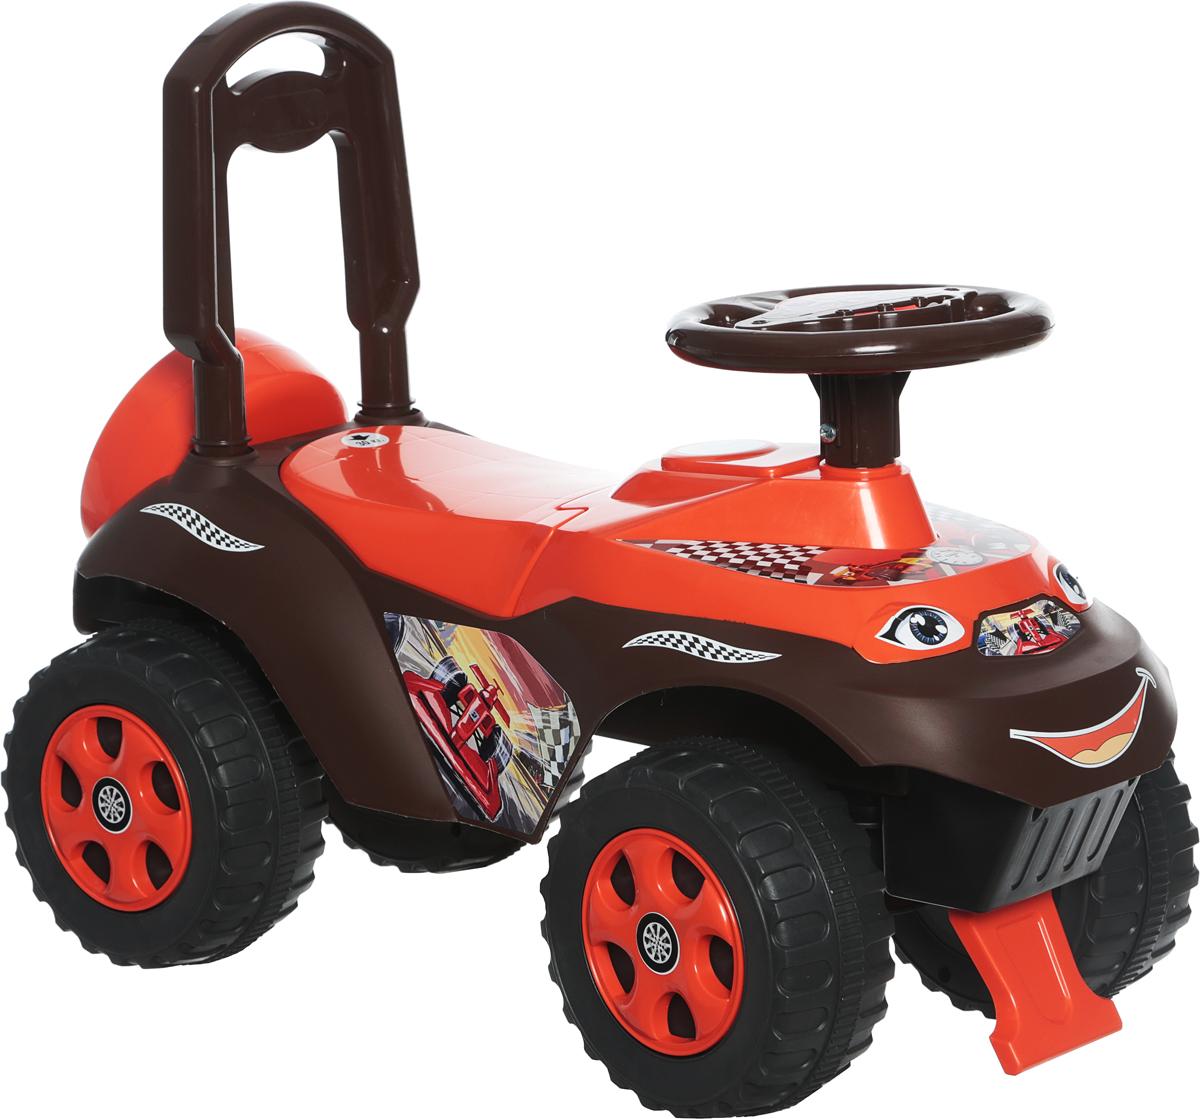 Doloni Машинка-каталка Автошка цвет оранжевый коричневый -  Каталки, понициклы